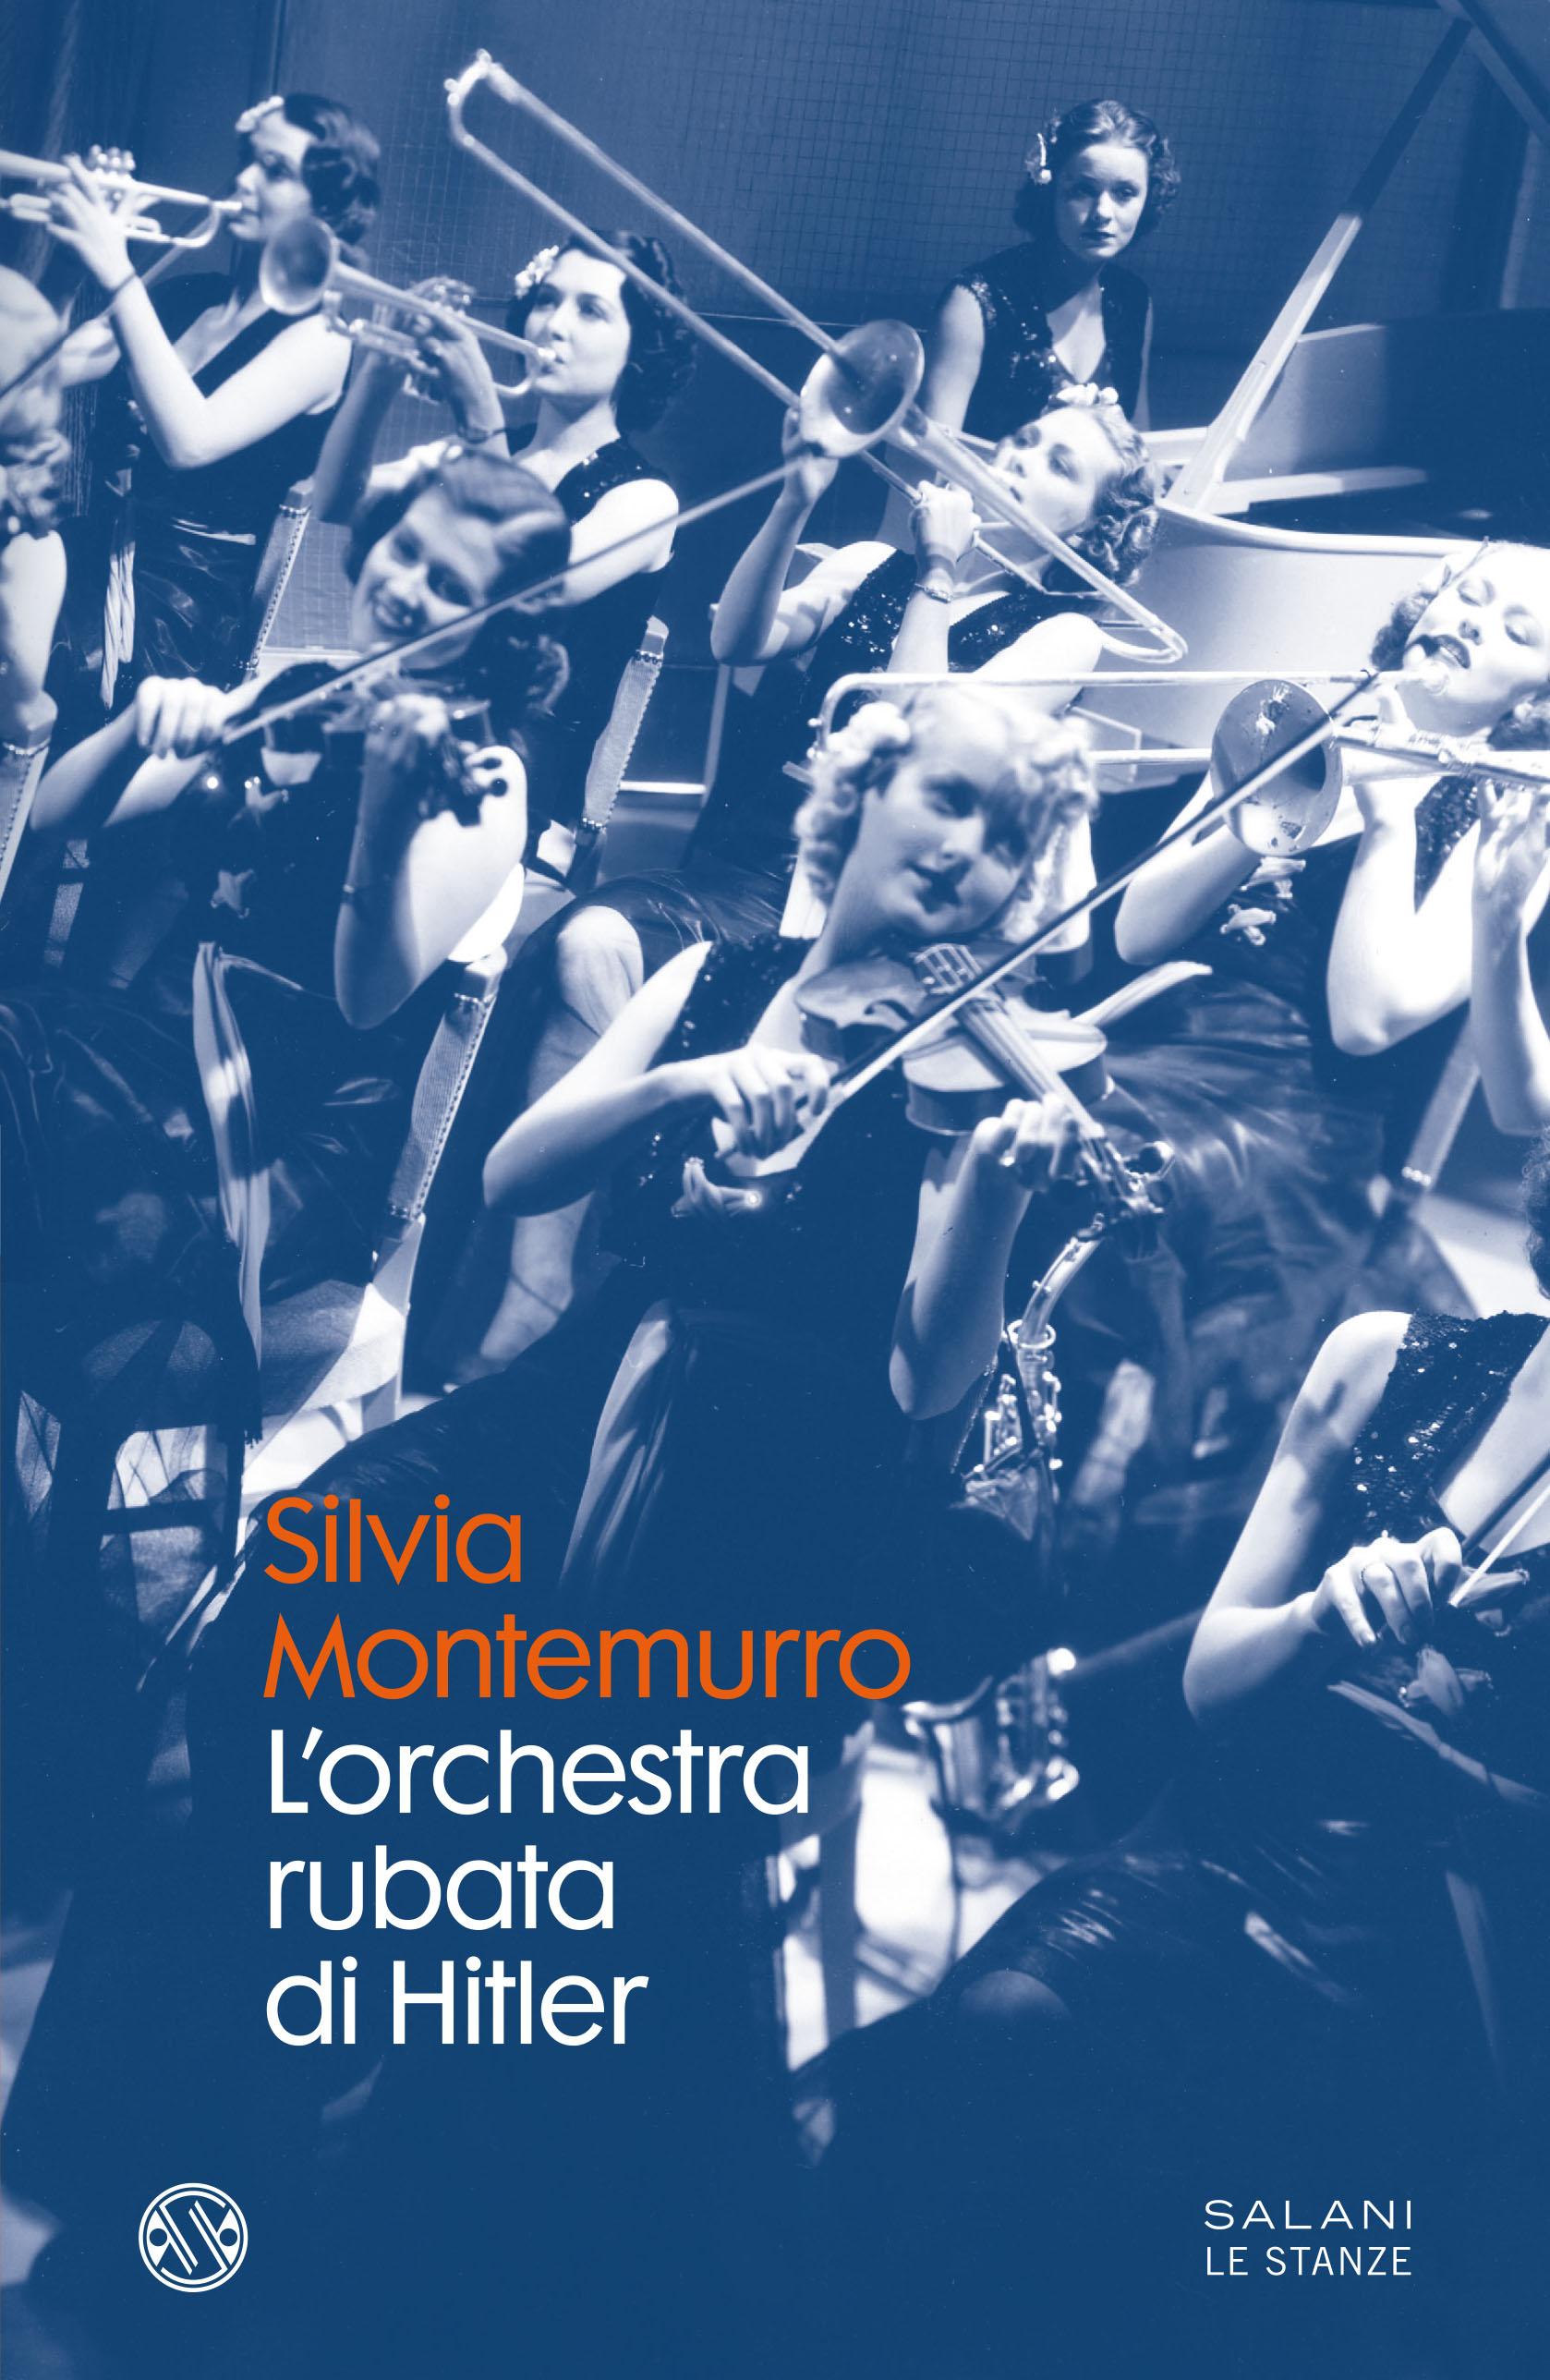 cover libro AL'orchestra rubata di Hitler